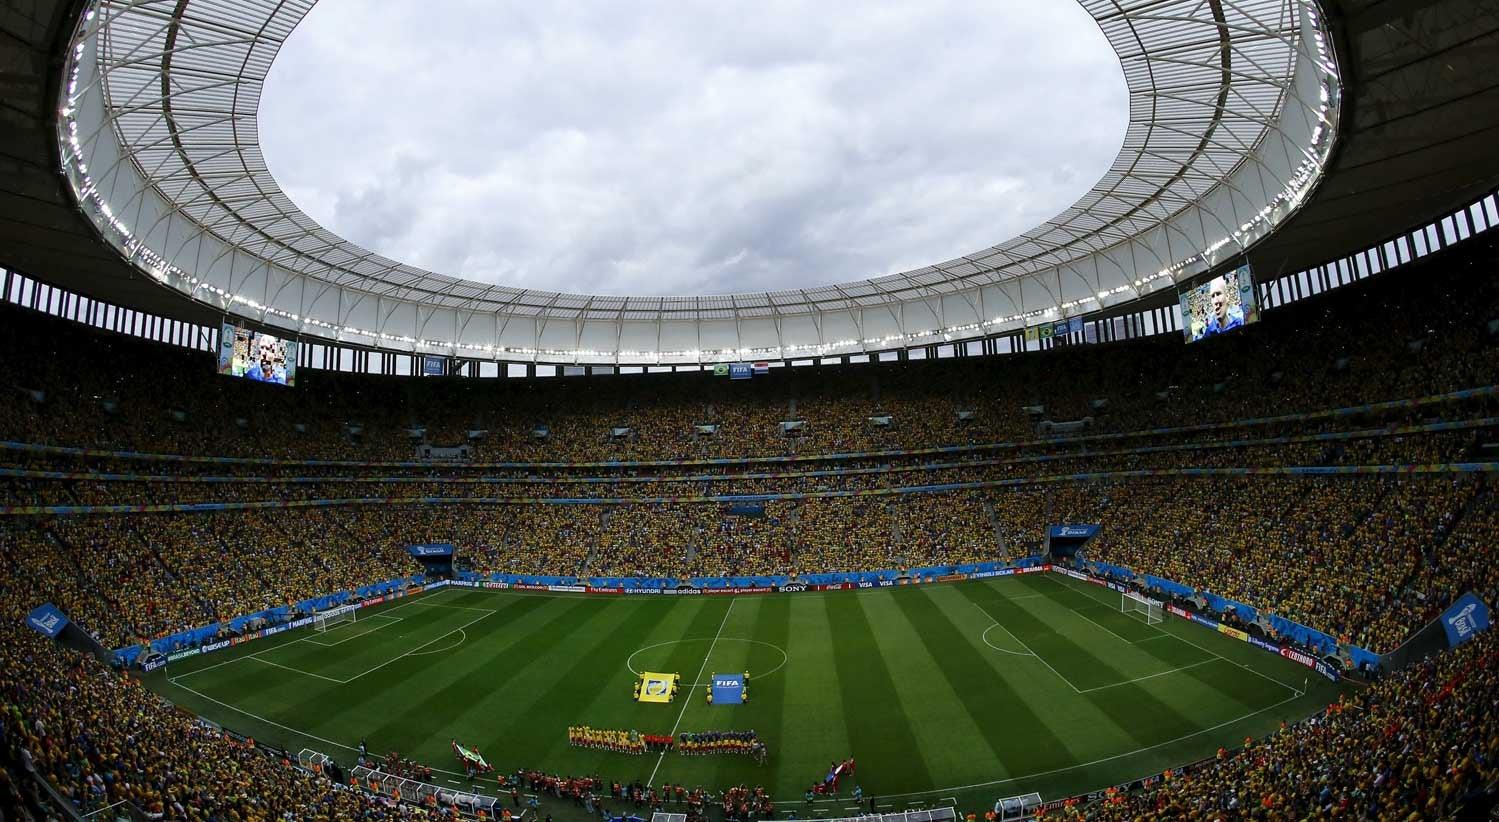 21.º Campeonato do Mundo... mas o 22.º jogo de abertura